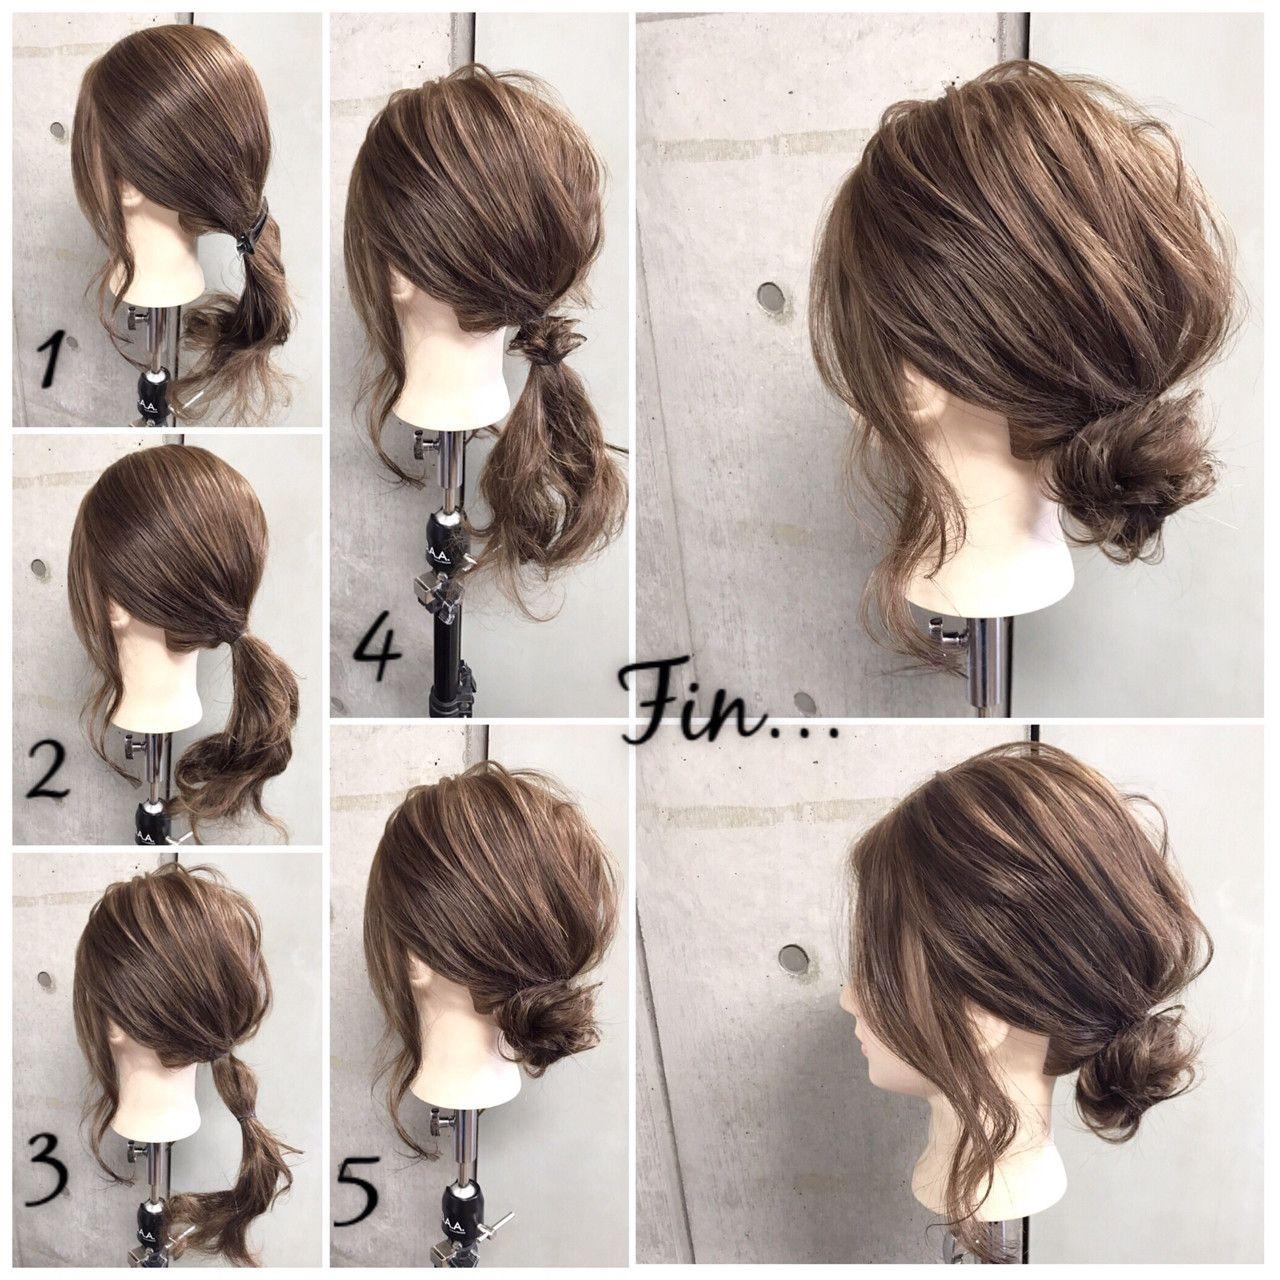 簡単で可愛い 自分でできるヘアアレンジ 超簡単 1つ結びを